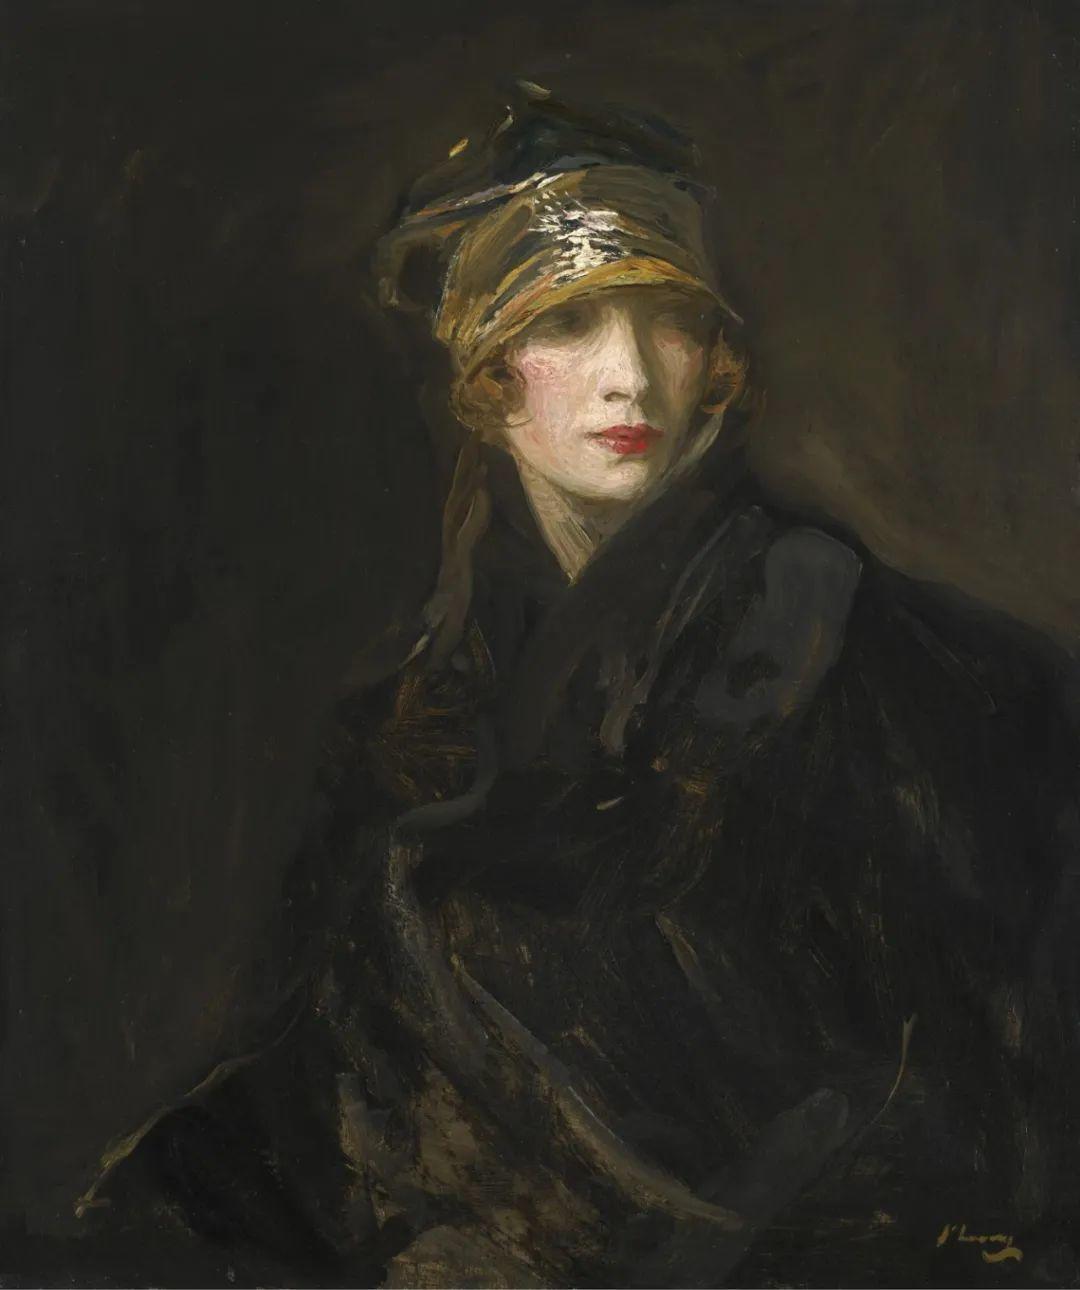 英国皇家美术学院院士、爱尔兰著名画家约翰·拉维里插图21